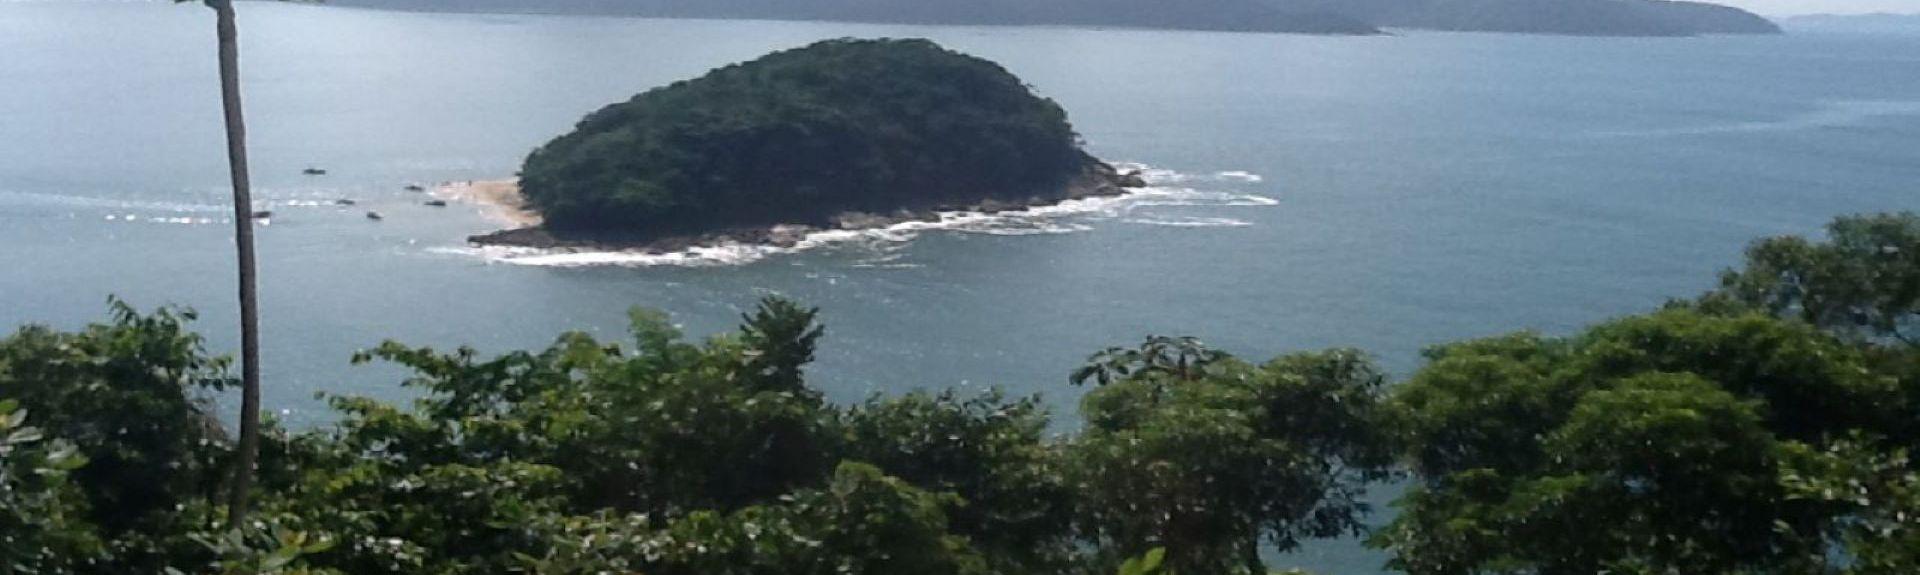 Παραλία Brava do Sul, Ubatuba, Πολιτεία του Σάο Πάολο, Βραζιλία